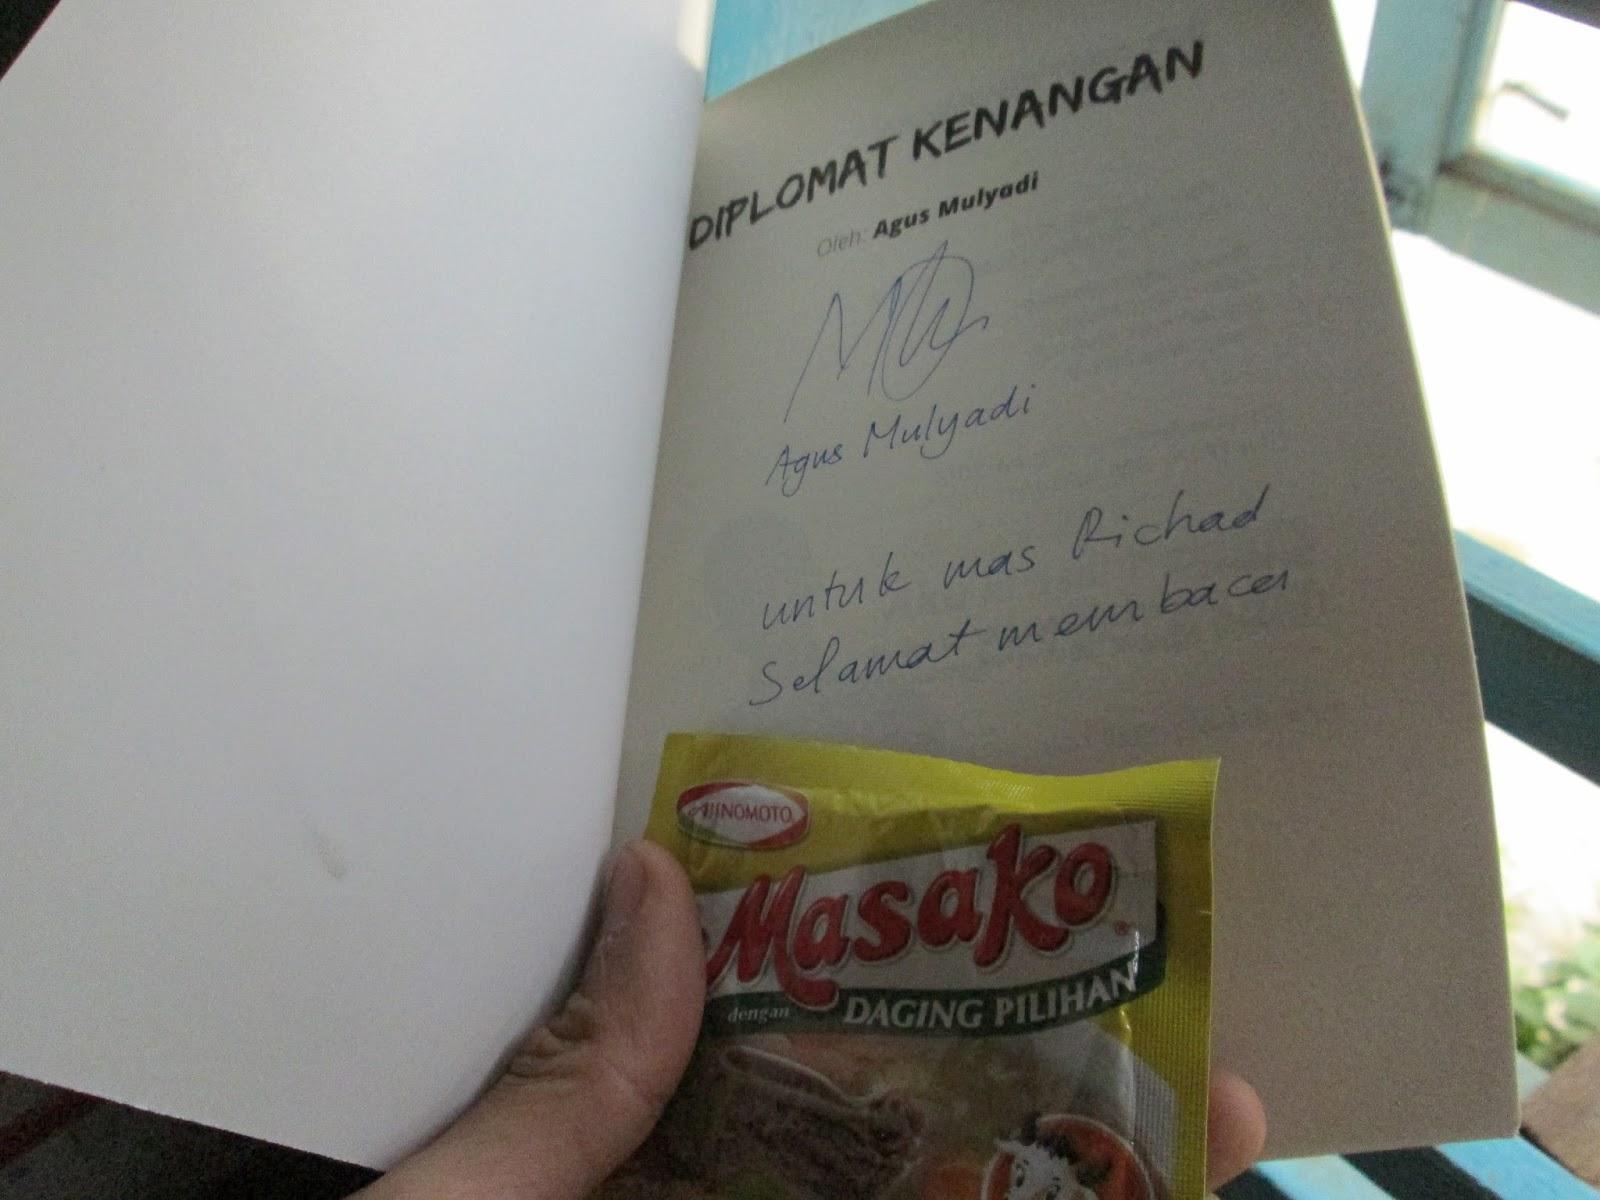 Tanda tangan dari Agus Mulyadi di buku Diplomat Kenangan